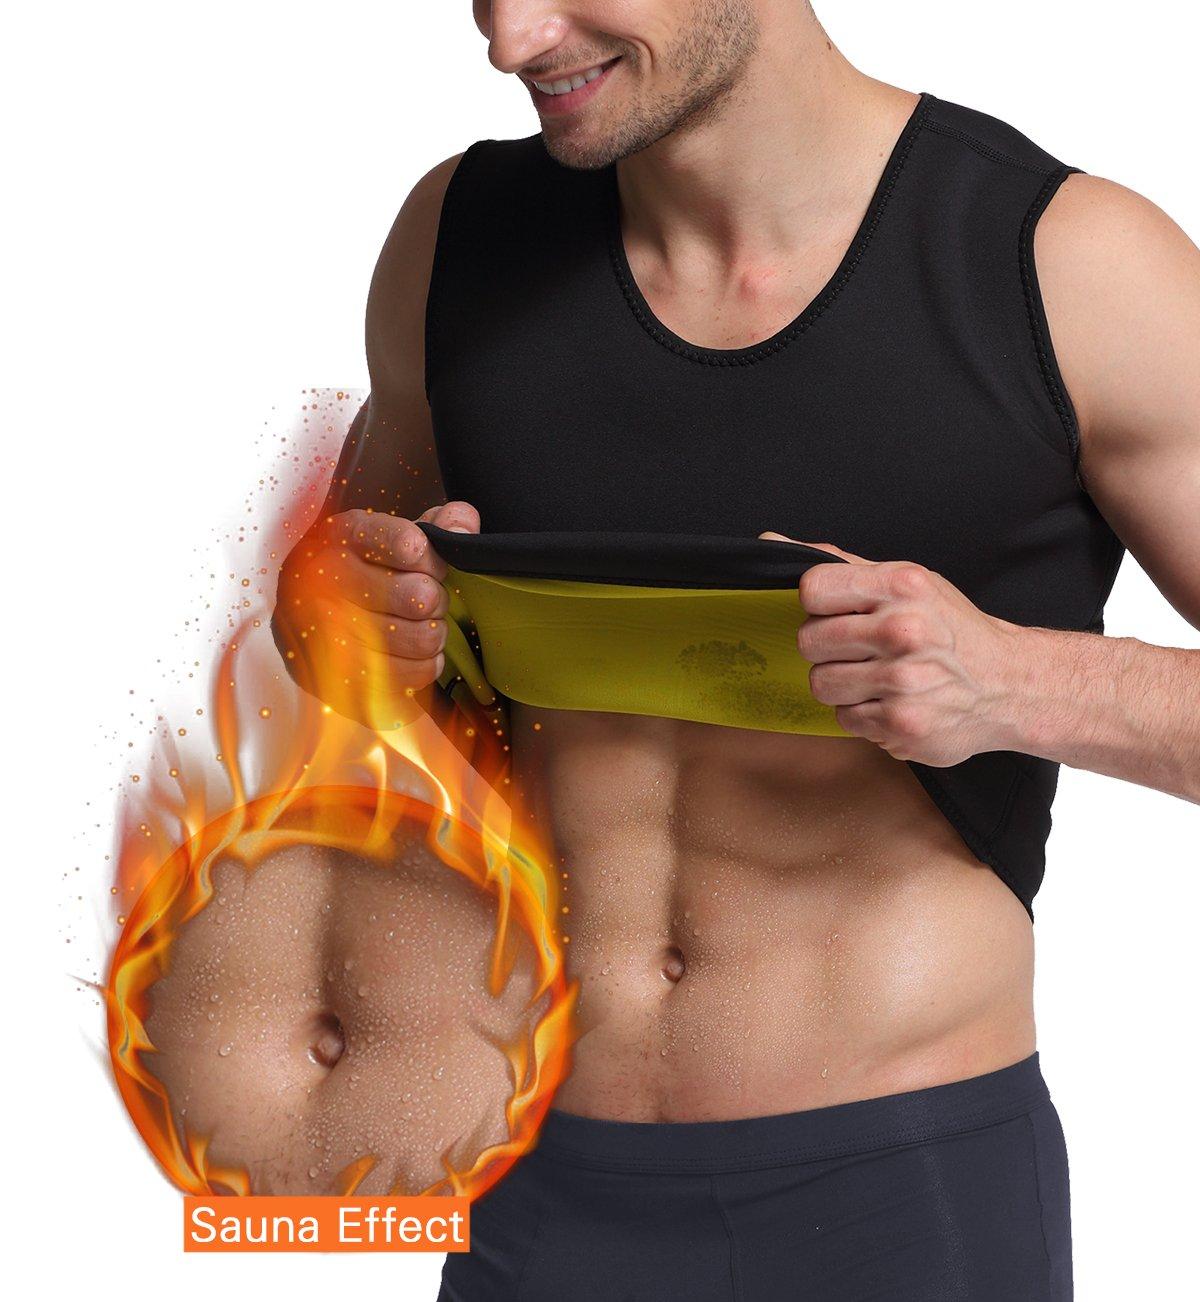 Rdfmy Men's Hot Sweat Body Shaper Workout Tank Top Slimming Vest Weight Loss Shapewear Neoprene No Zipper 3XL